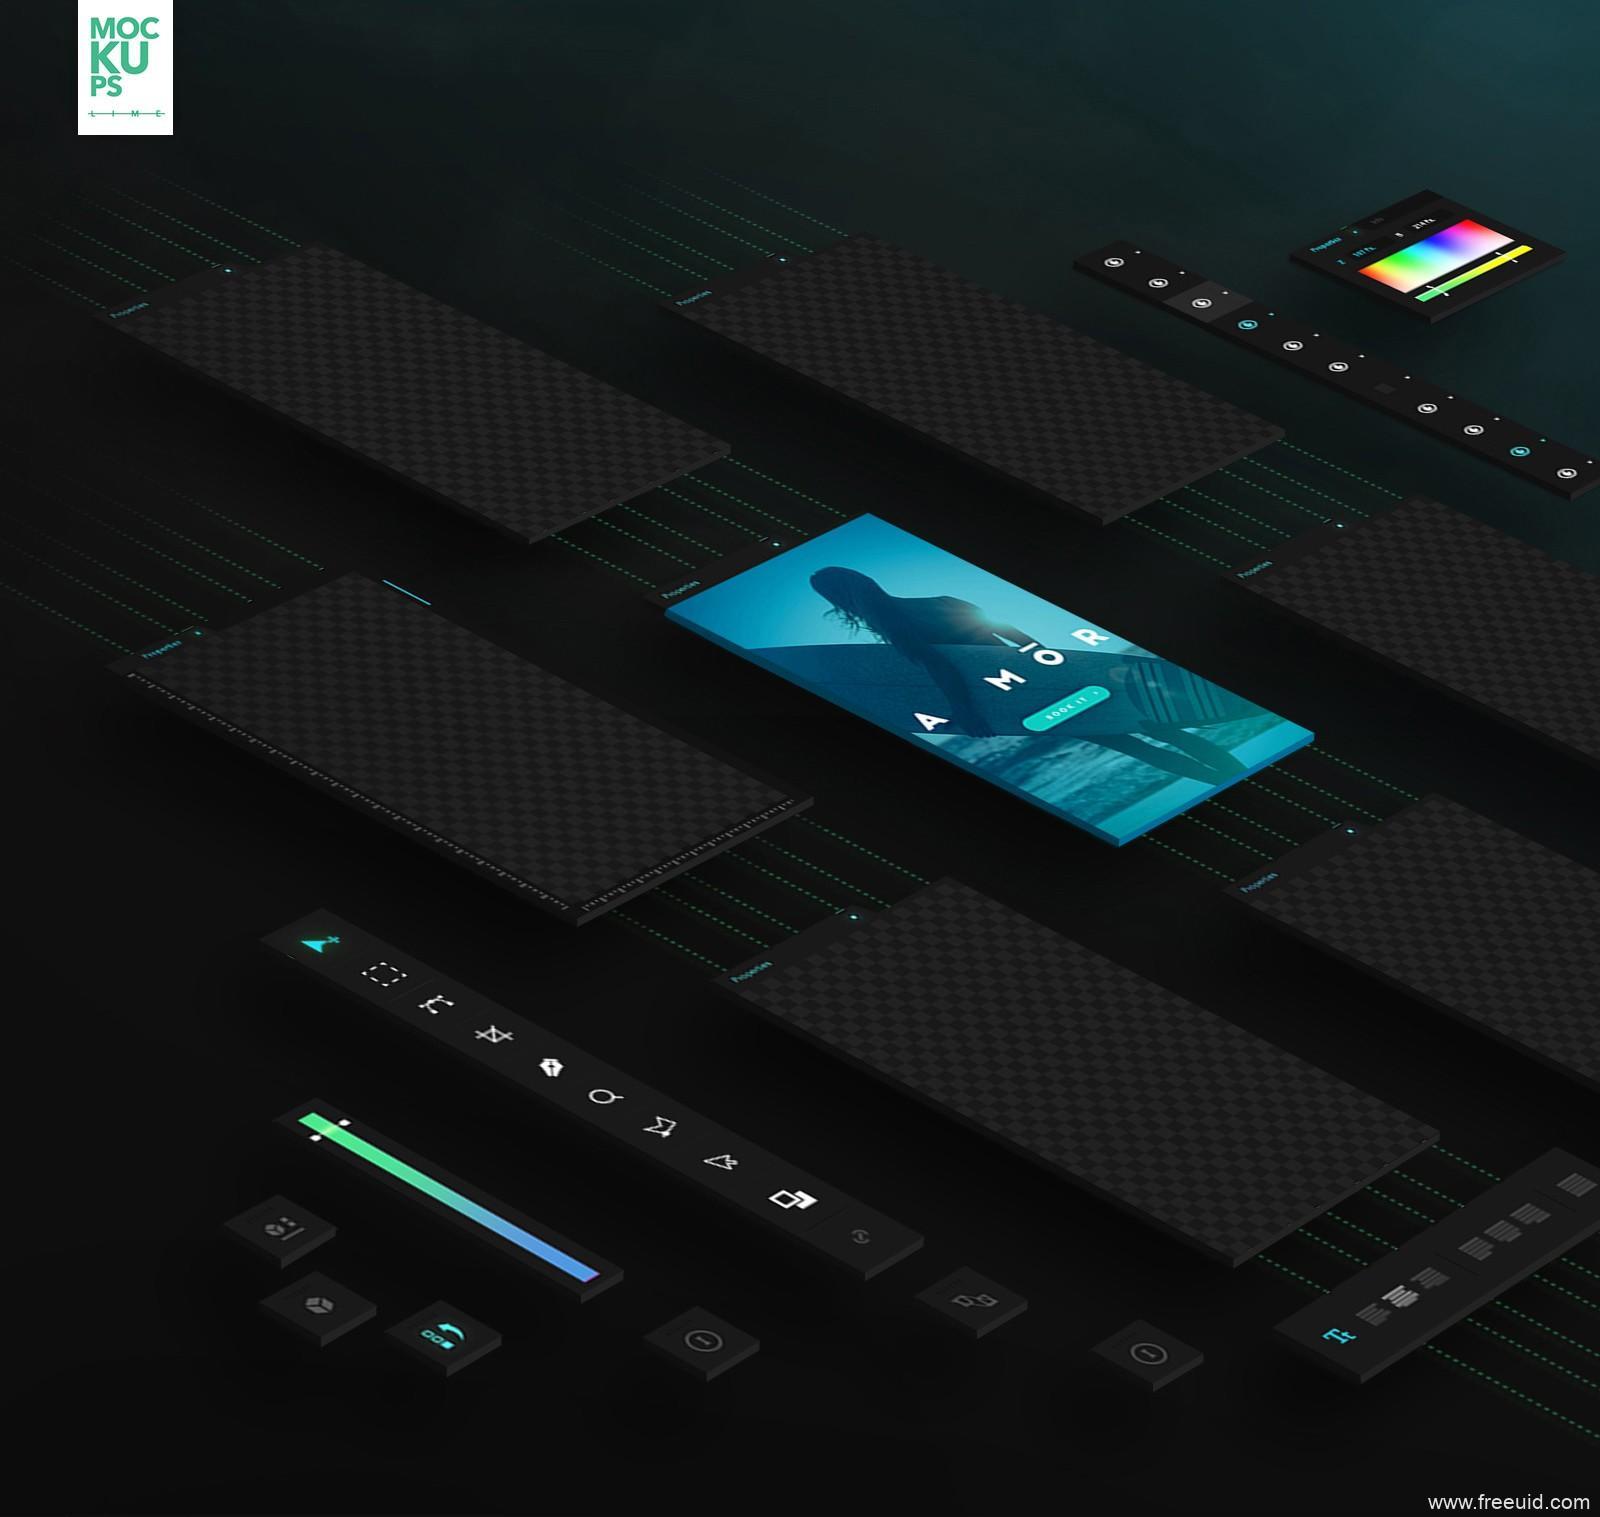 高端UI产品包装模板,UI mockup,UI资源下载,UI素材分享